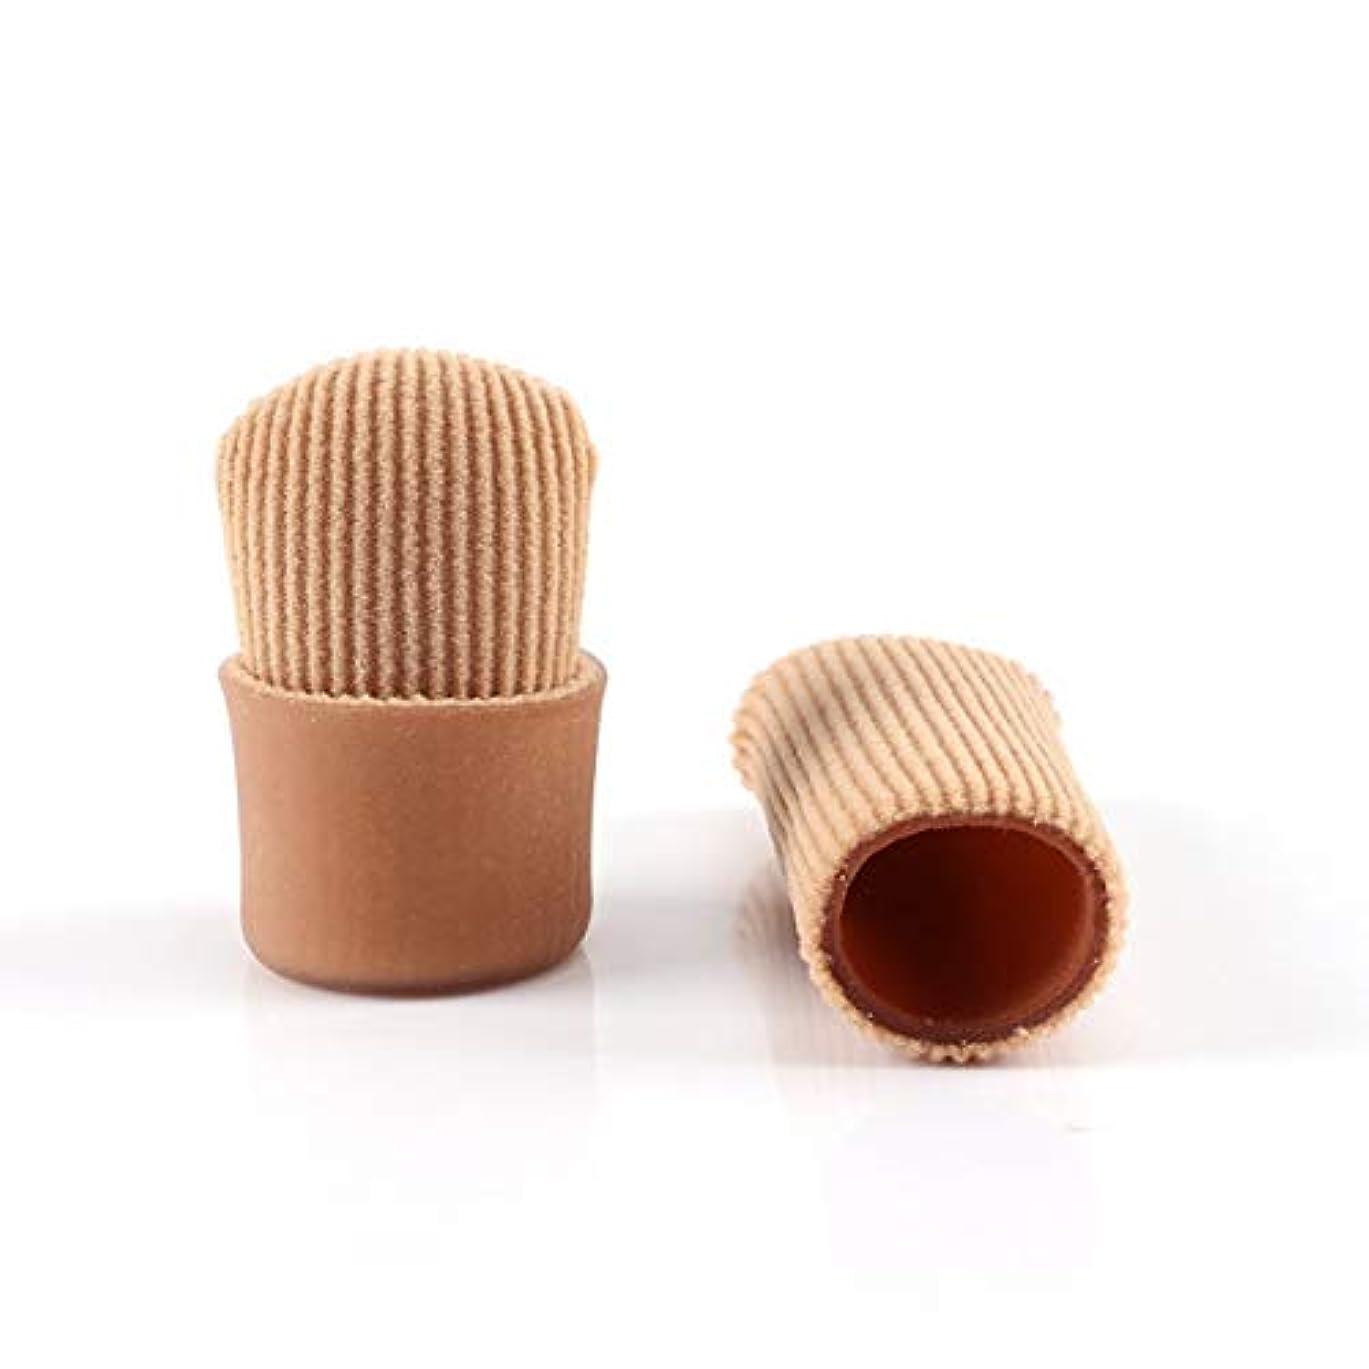 出発知的講堂Open Toe Tubes Gel Lined Fabric Sleeve Protectors To Prevent Corns, Calluses And Blisters While Softening Soothing...